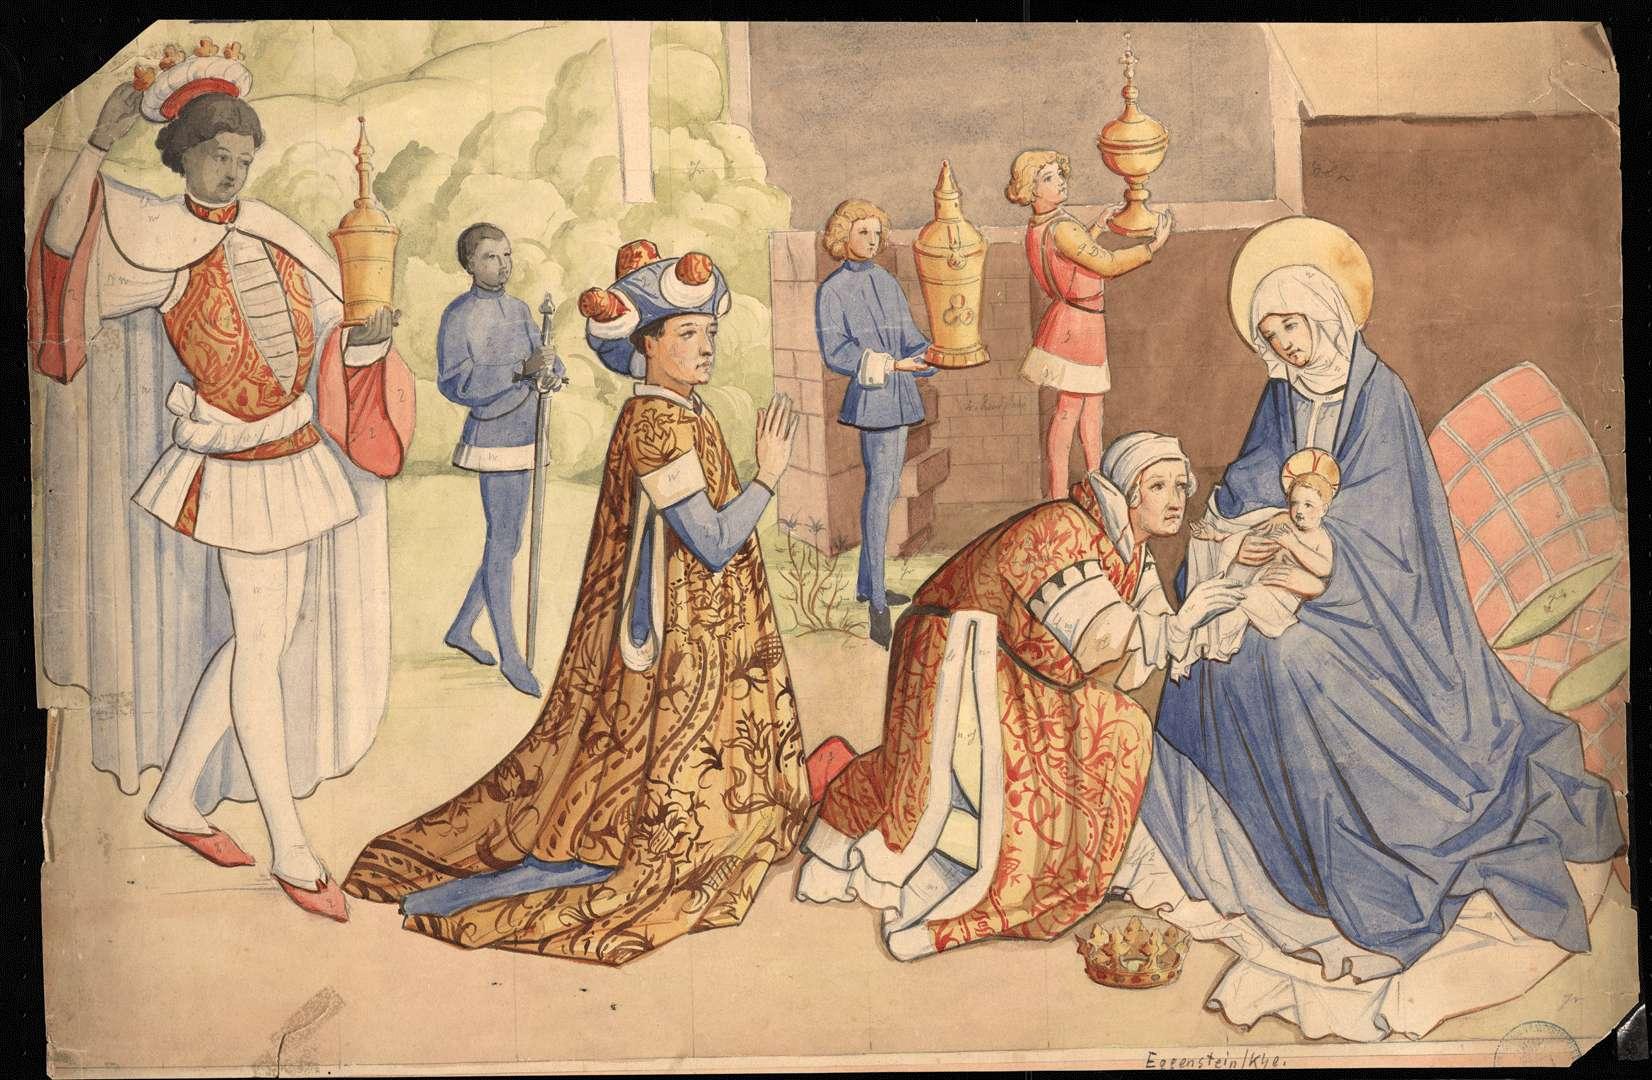 Eggenstein Evangelische Pfarrkirche Nördliche Chorwand: Anbetung der Heiligen Drei Könige, Bild 1